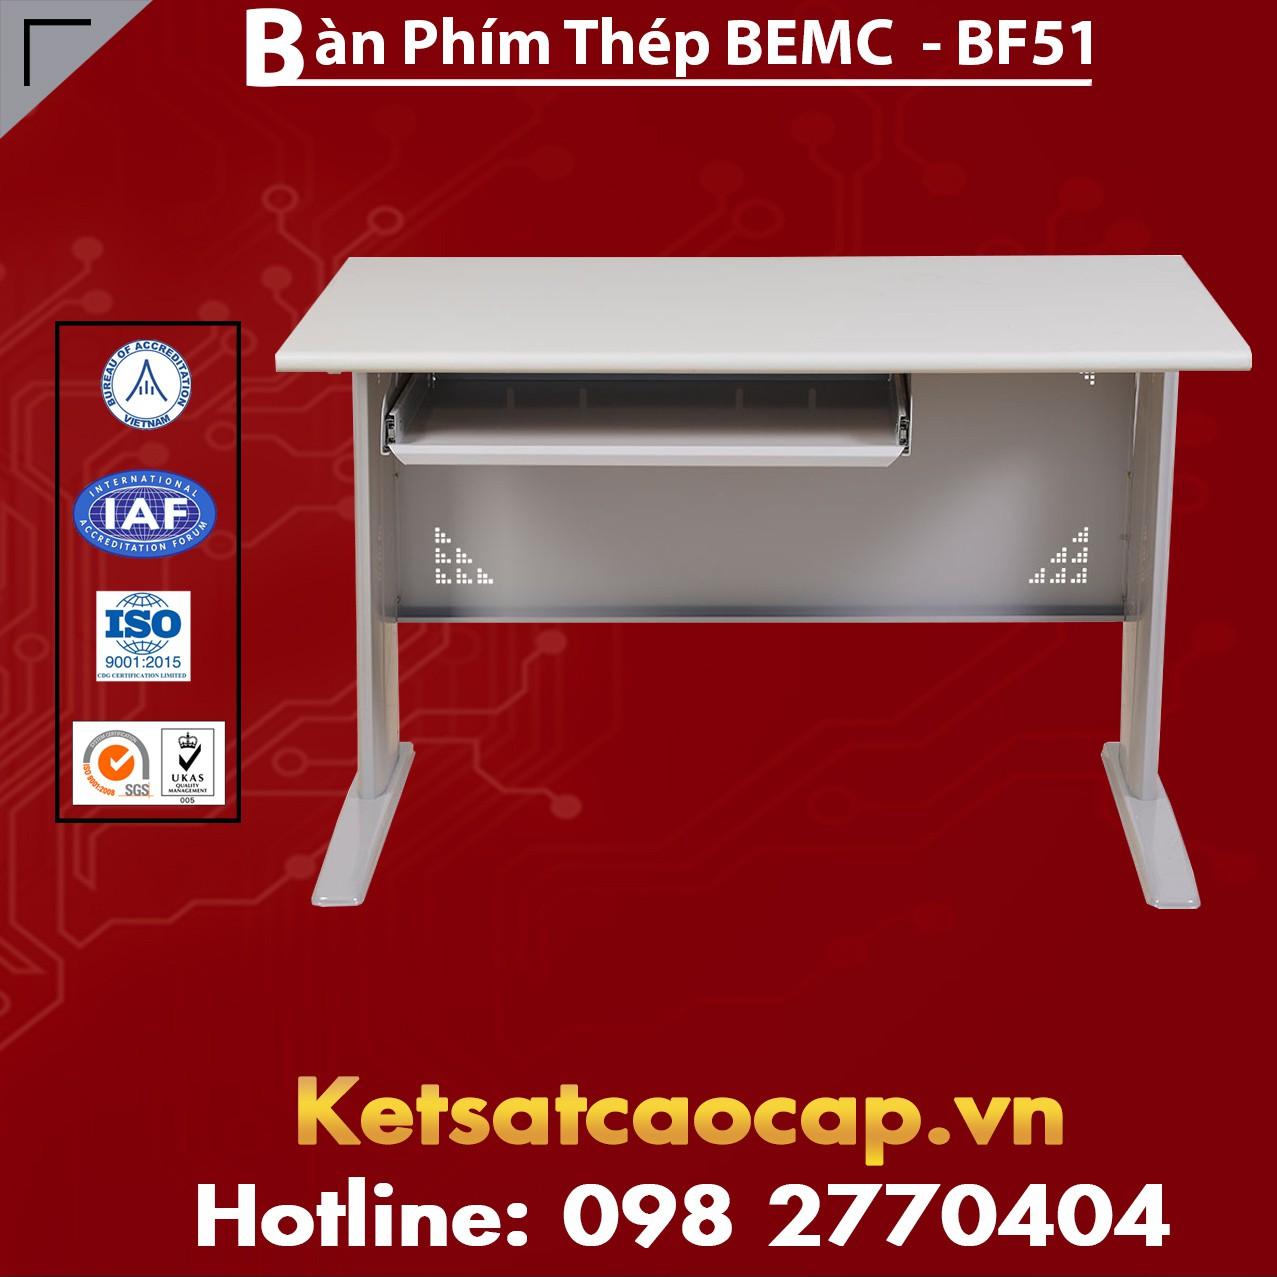 Bàn Phím Thép BEMC - BF51